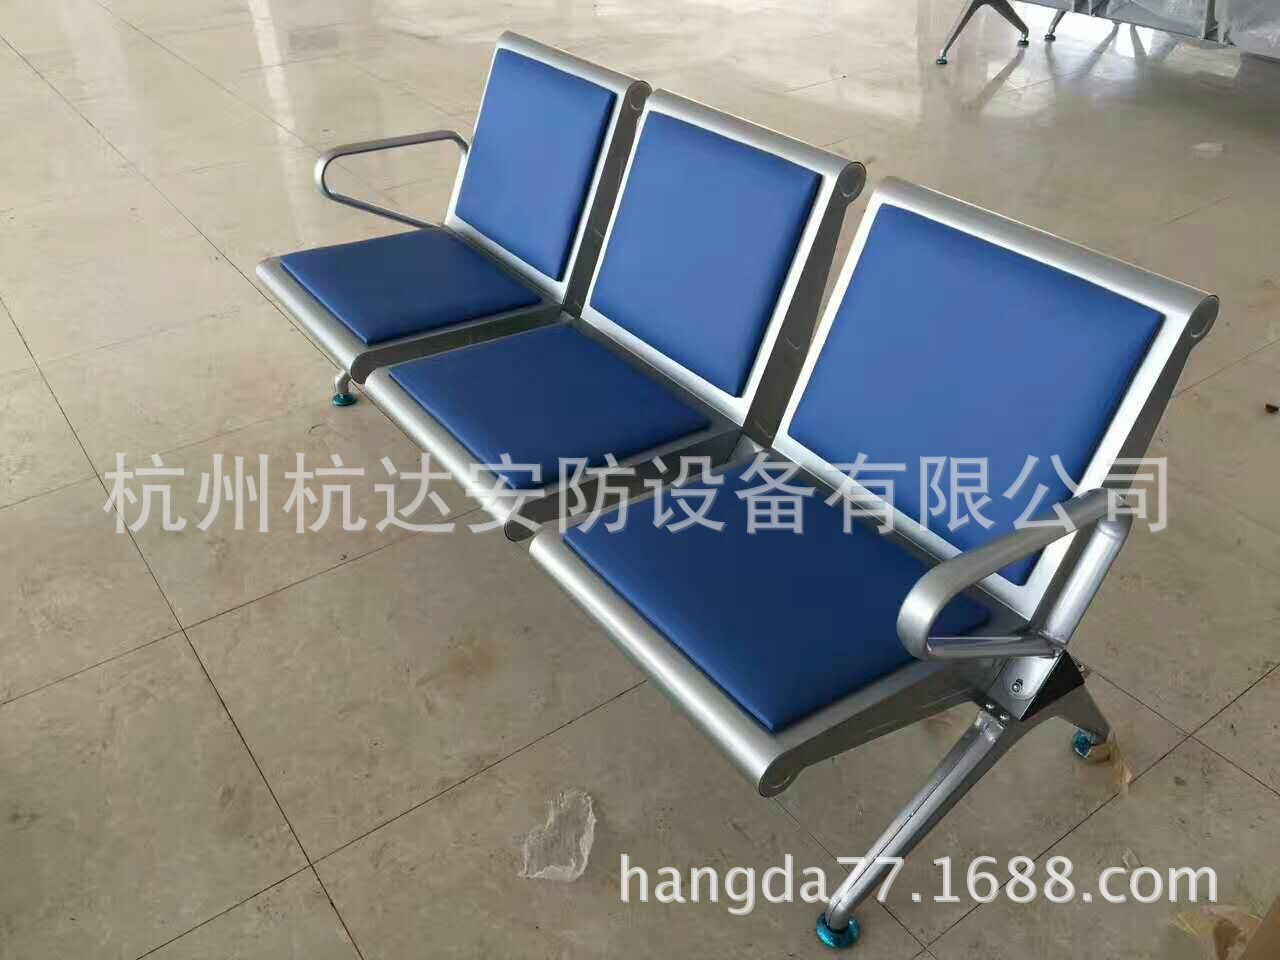 供应杭州优质不锈钢机场连排椅候诊候车区连排椅质保10年示例图2